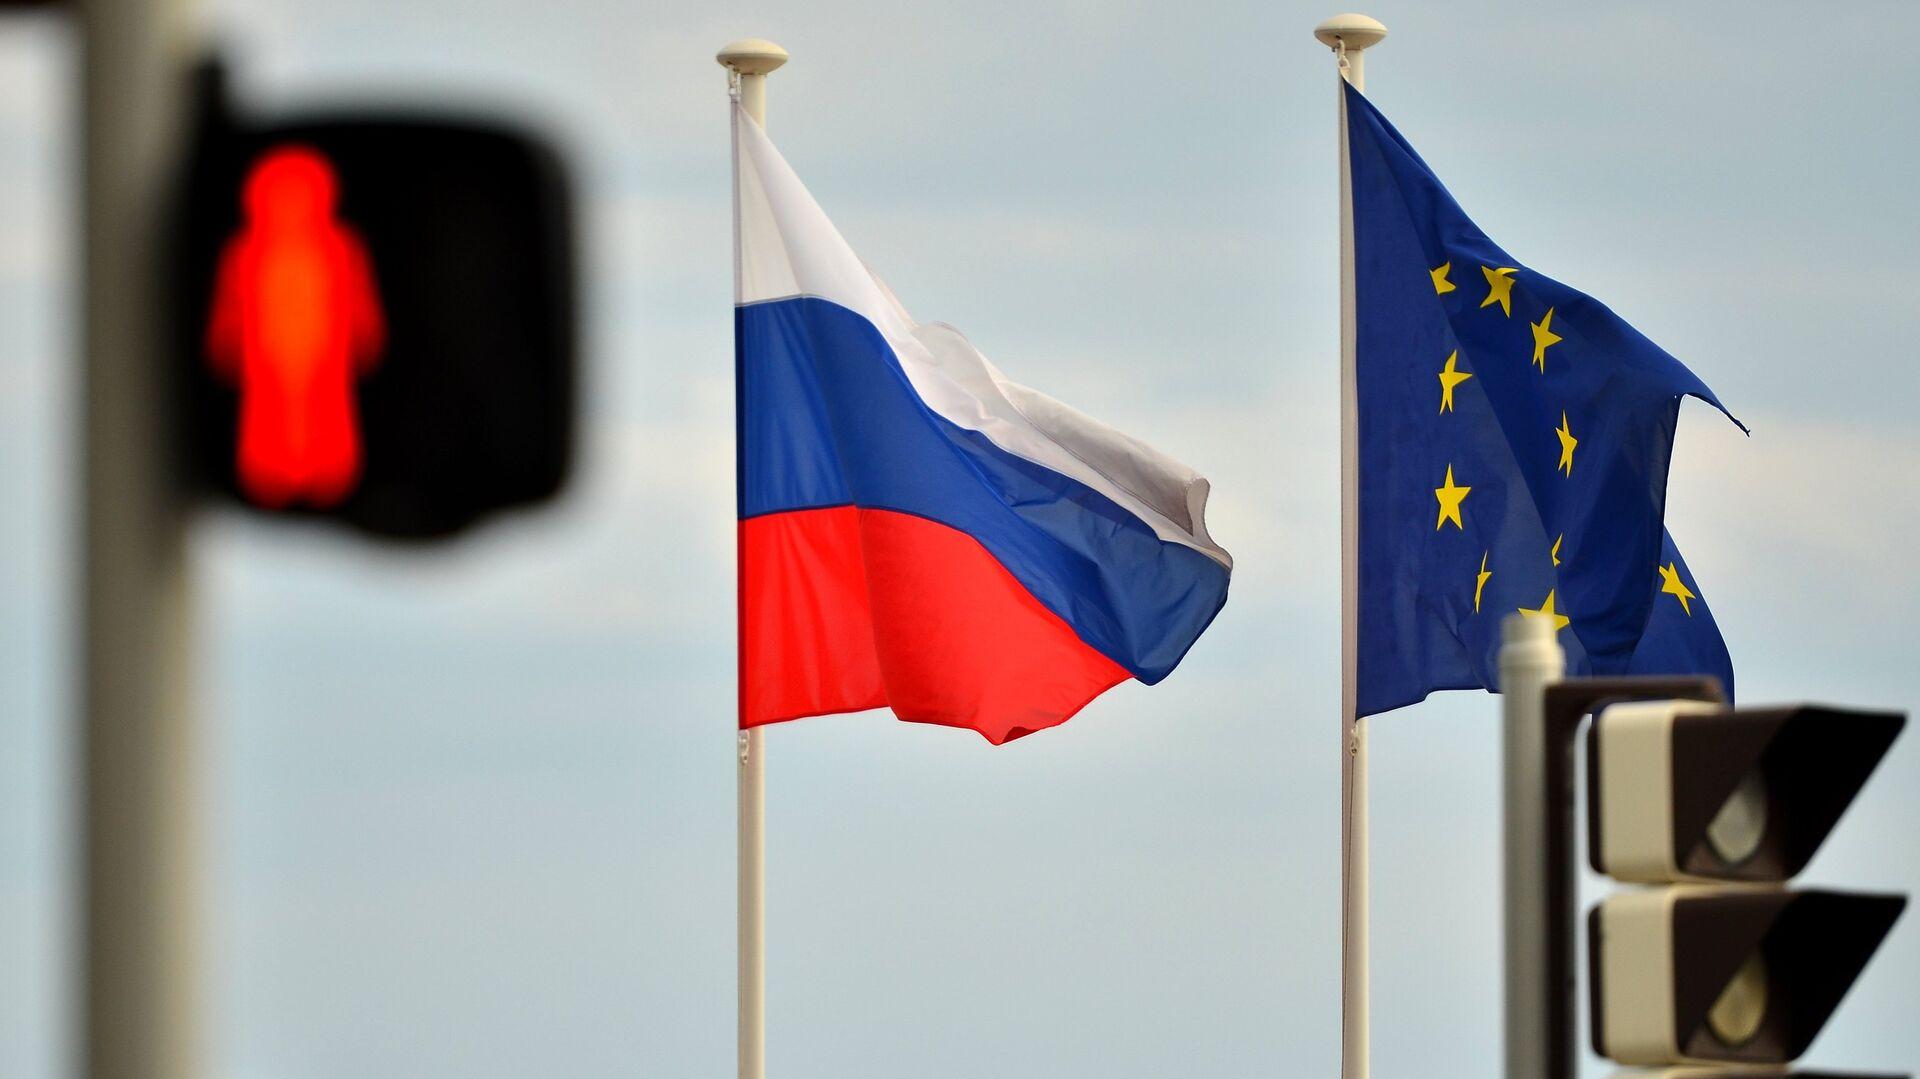 Banderas de Rusia y la UE - Sputnik Mundo, 1920, 29.04.2021